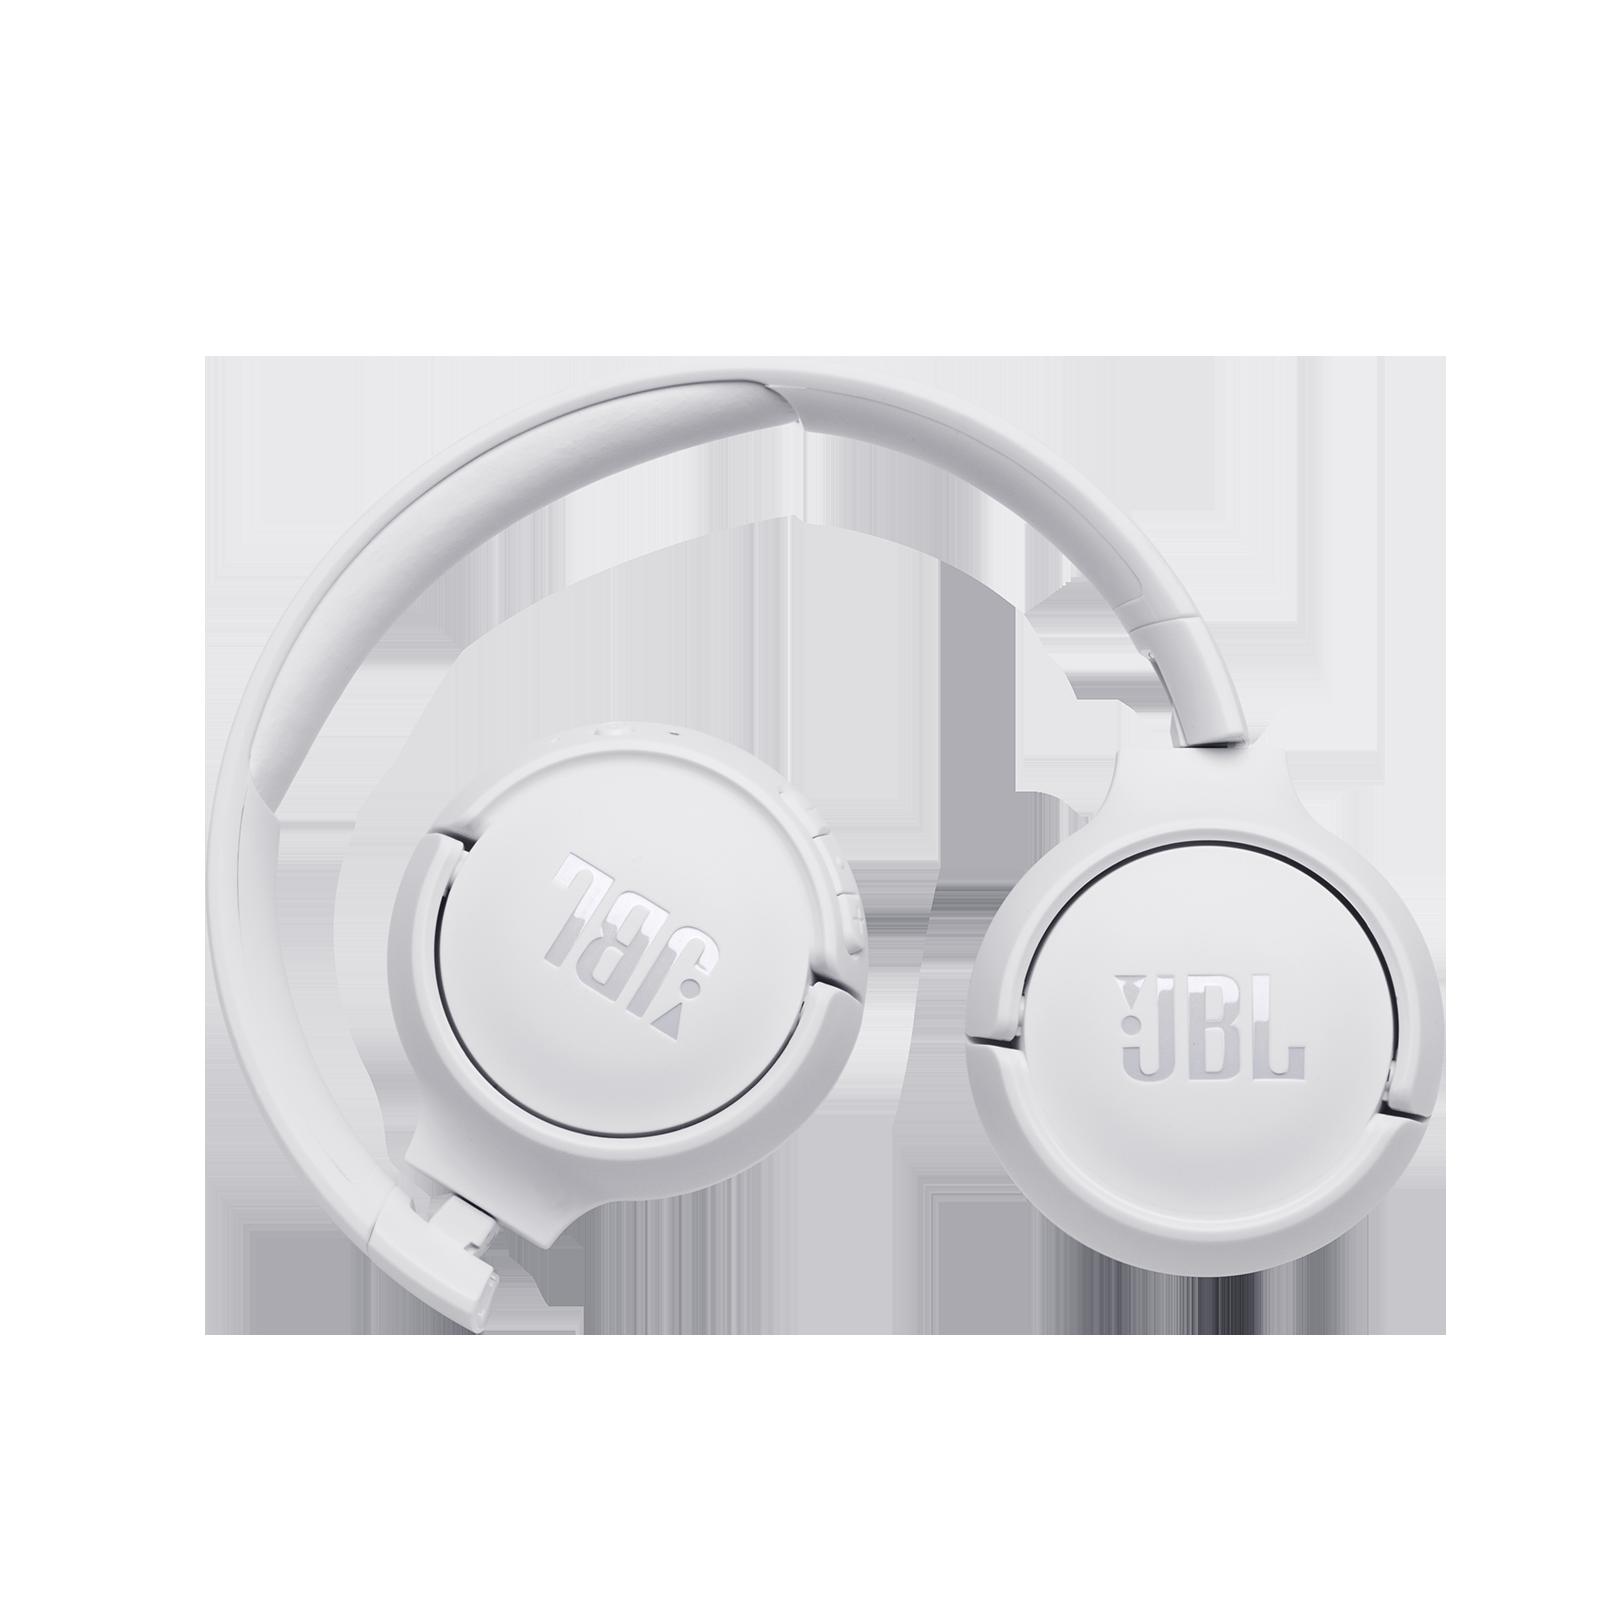 JBL TUNE 560BT - White - Wireless on-ear headphones - Front